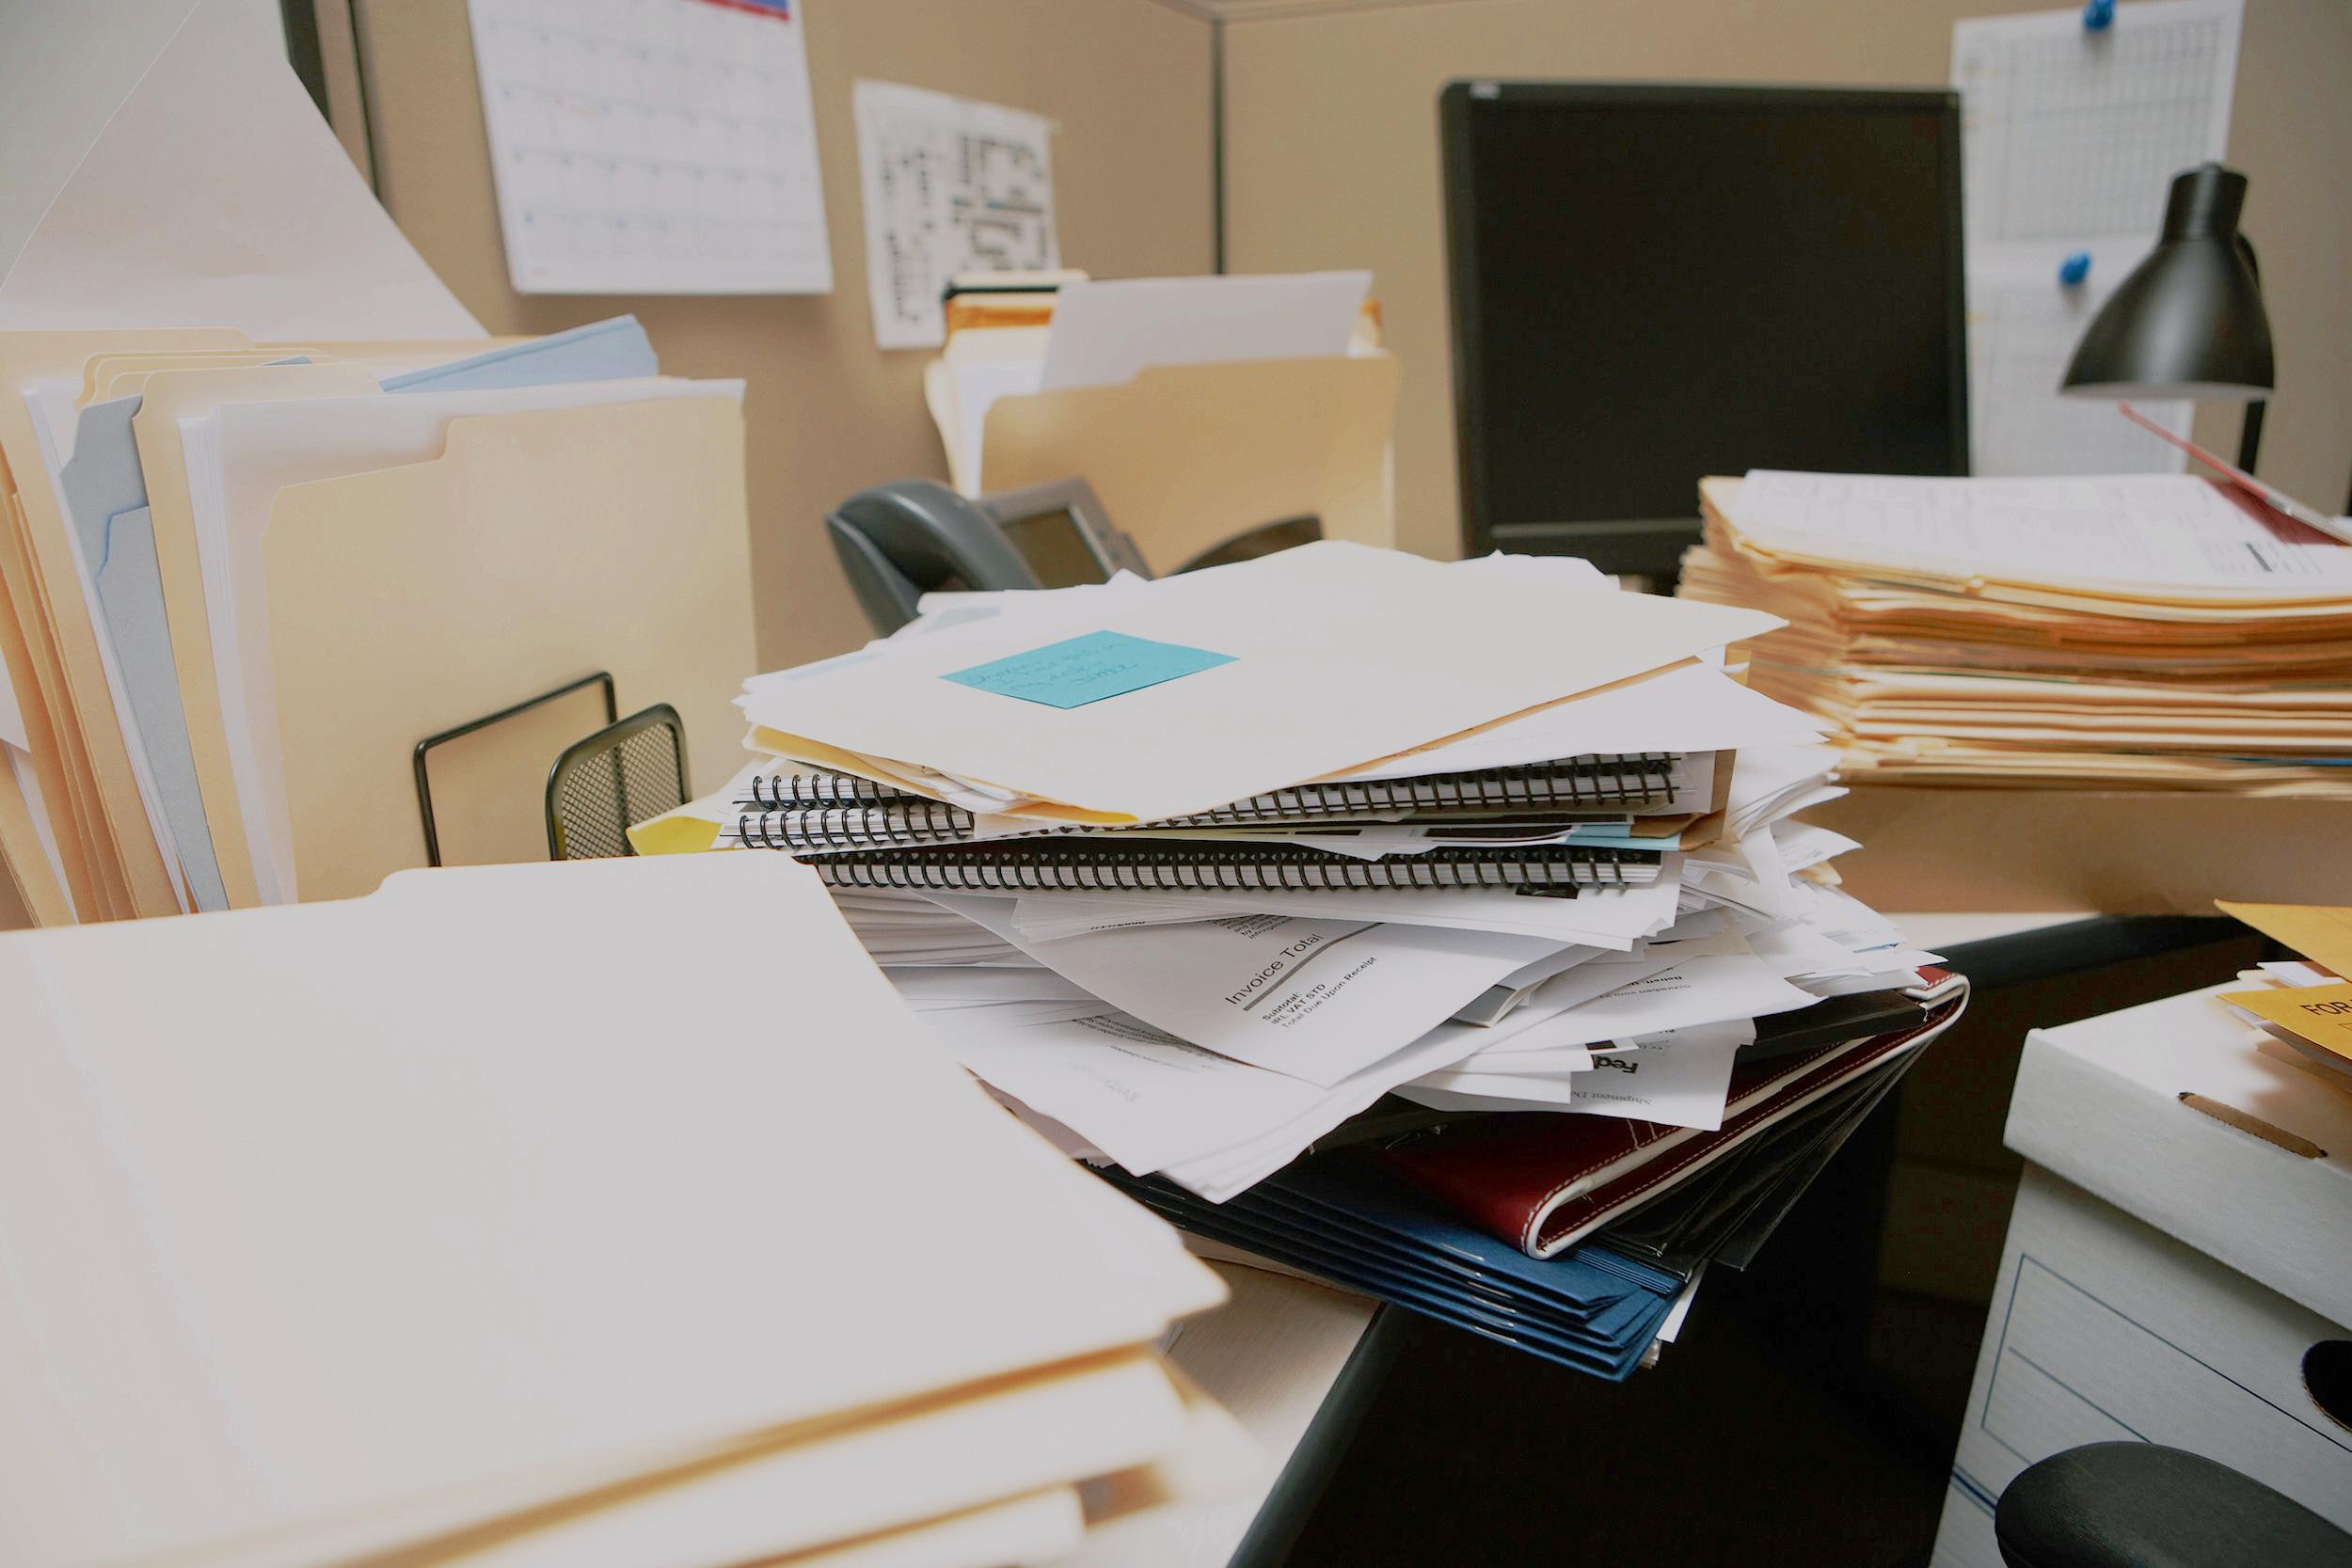 testo-paper-stack.jpg